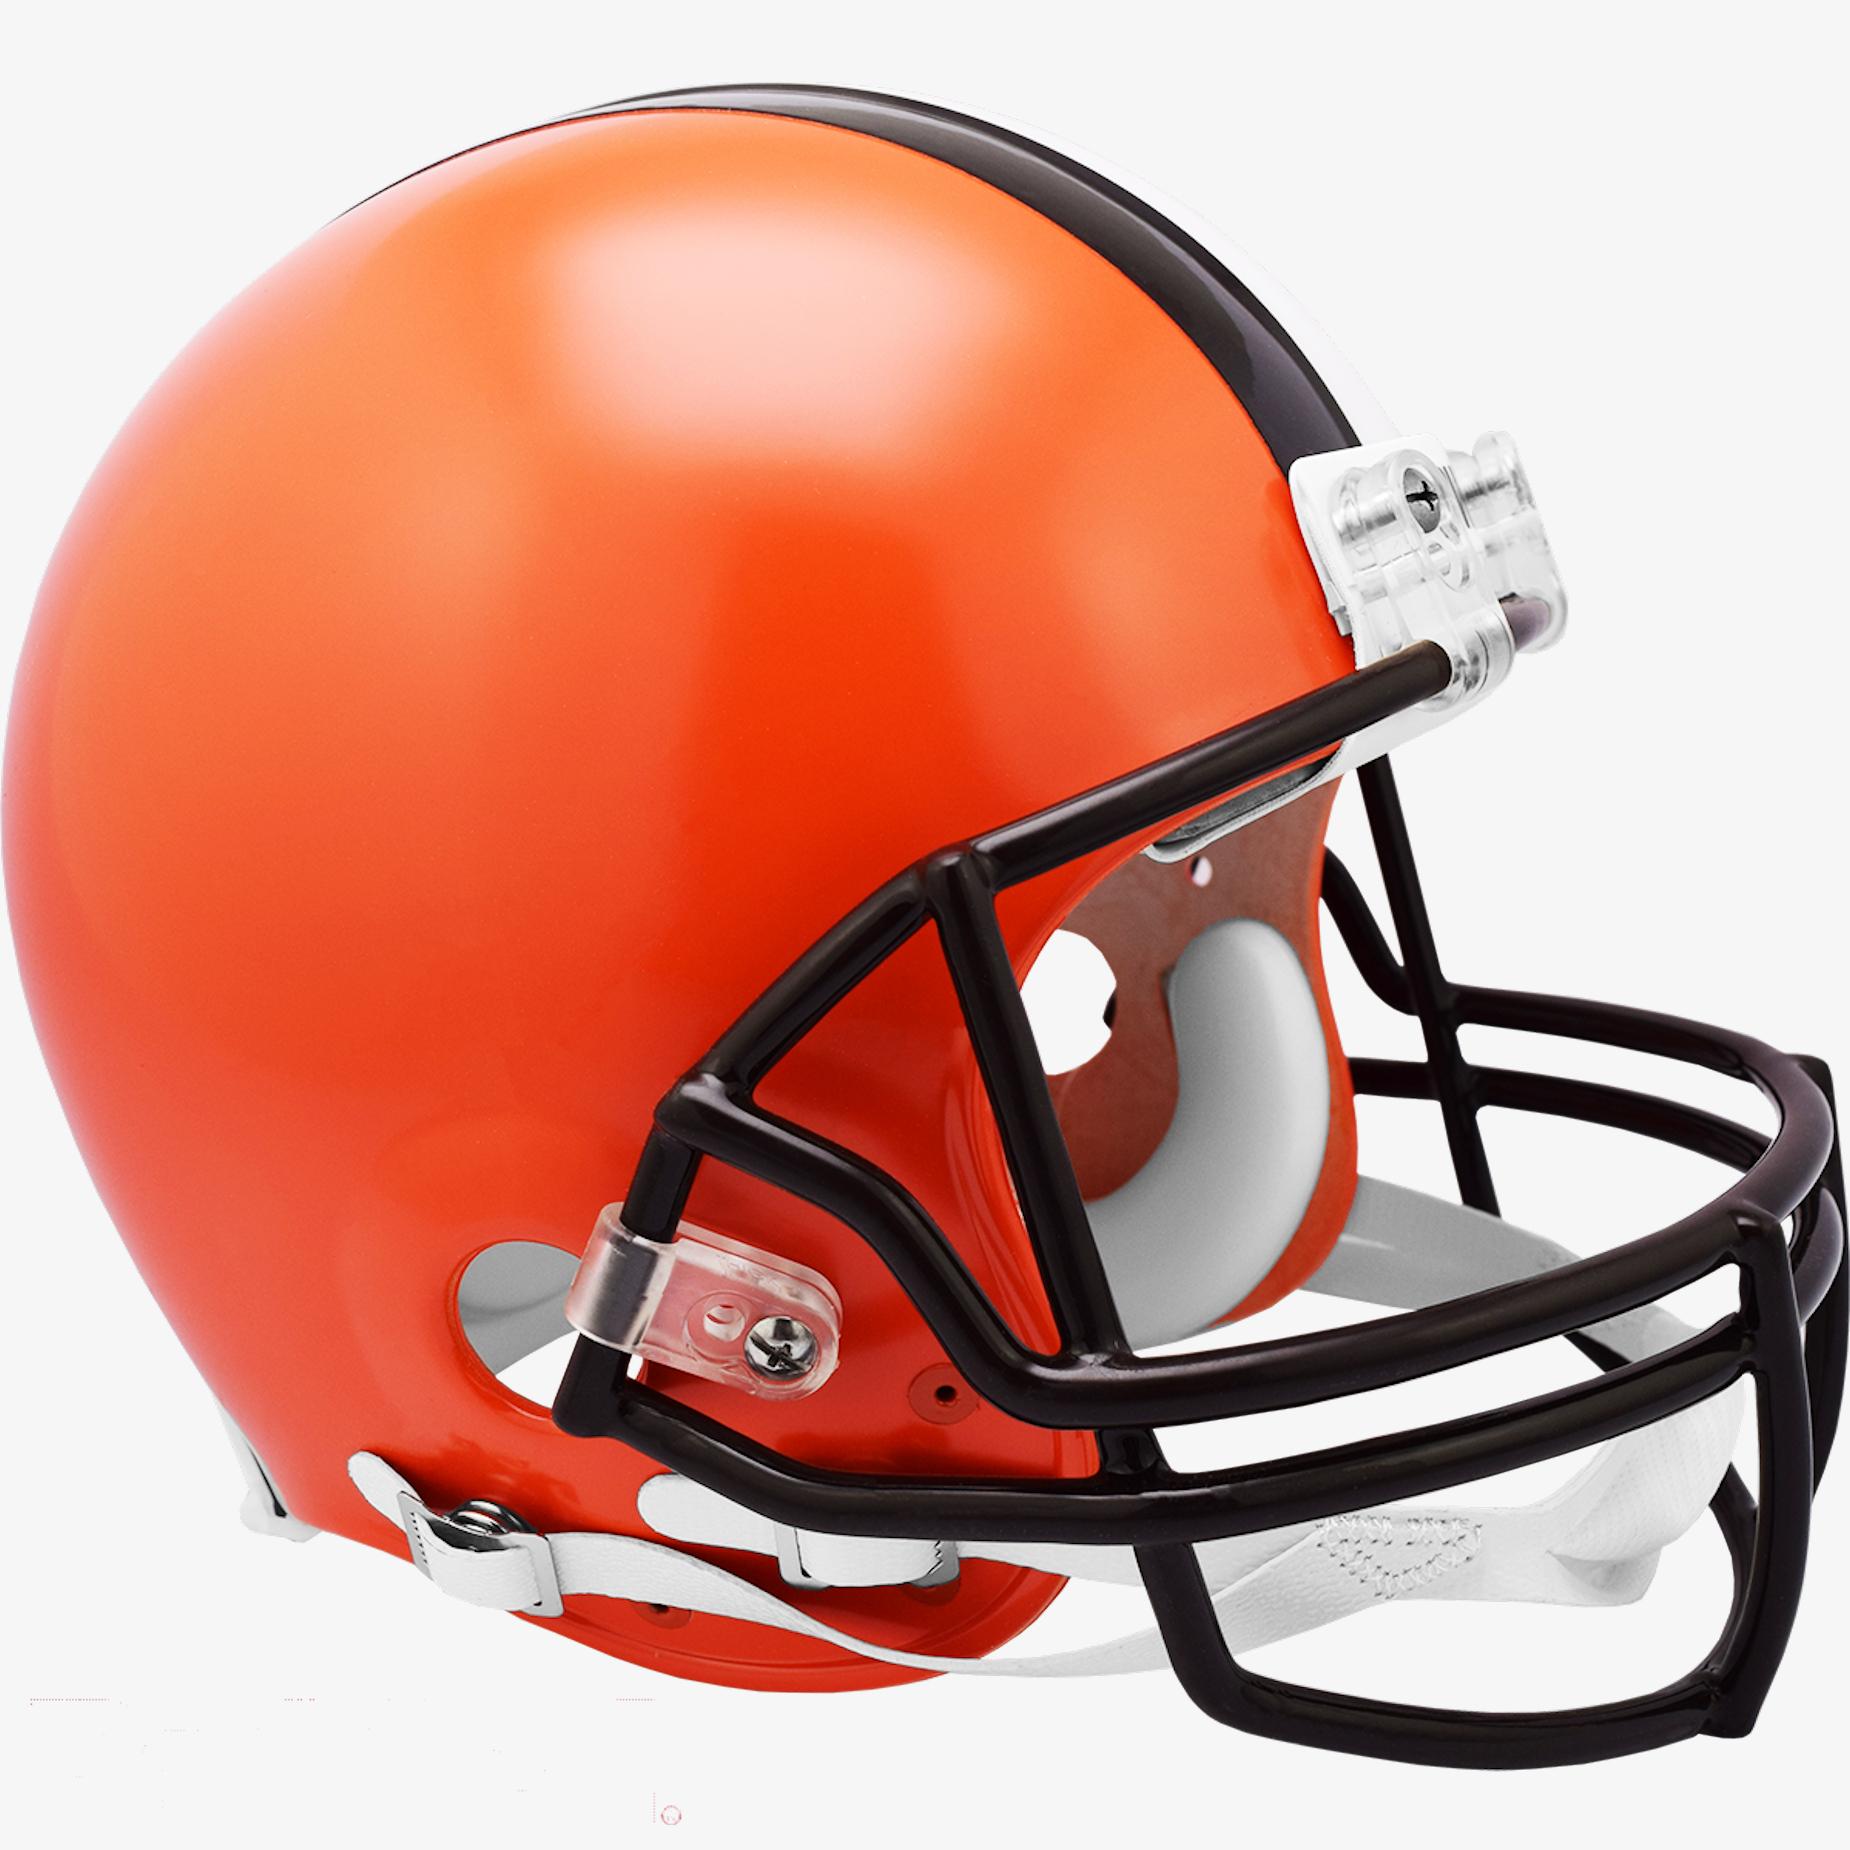 Cleveland Browns Football Helmet